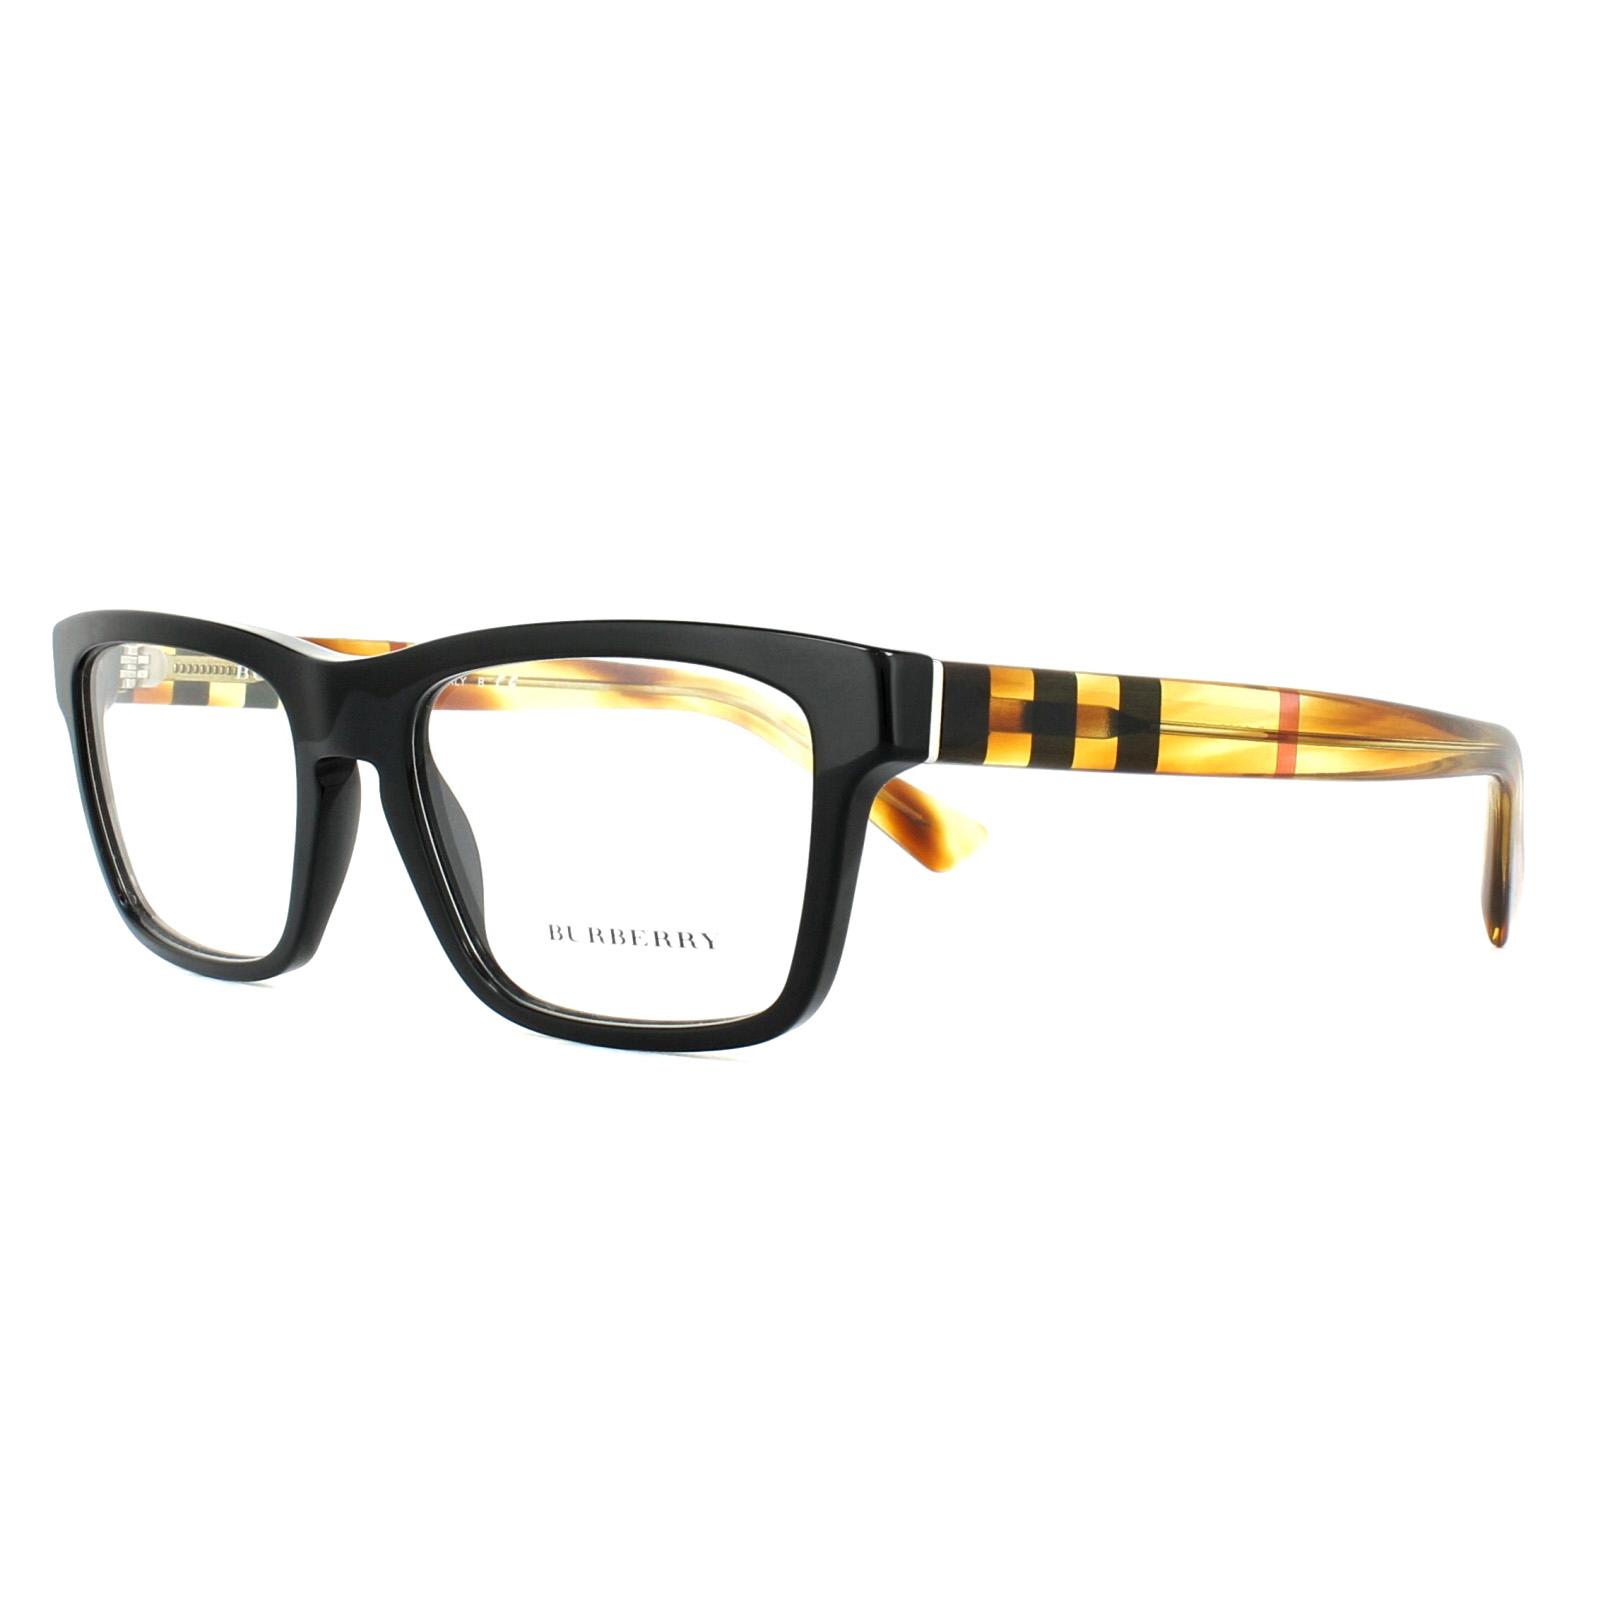 Burberry Glasses Frames BE2226 3604 Black Havana 53mm Mens | eBay